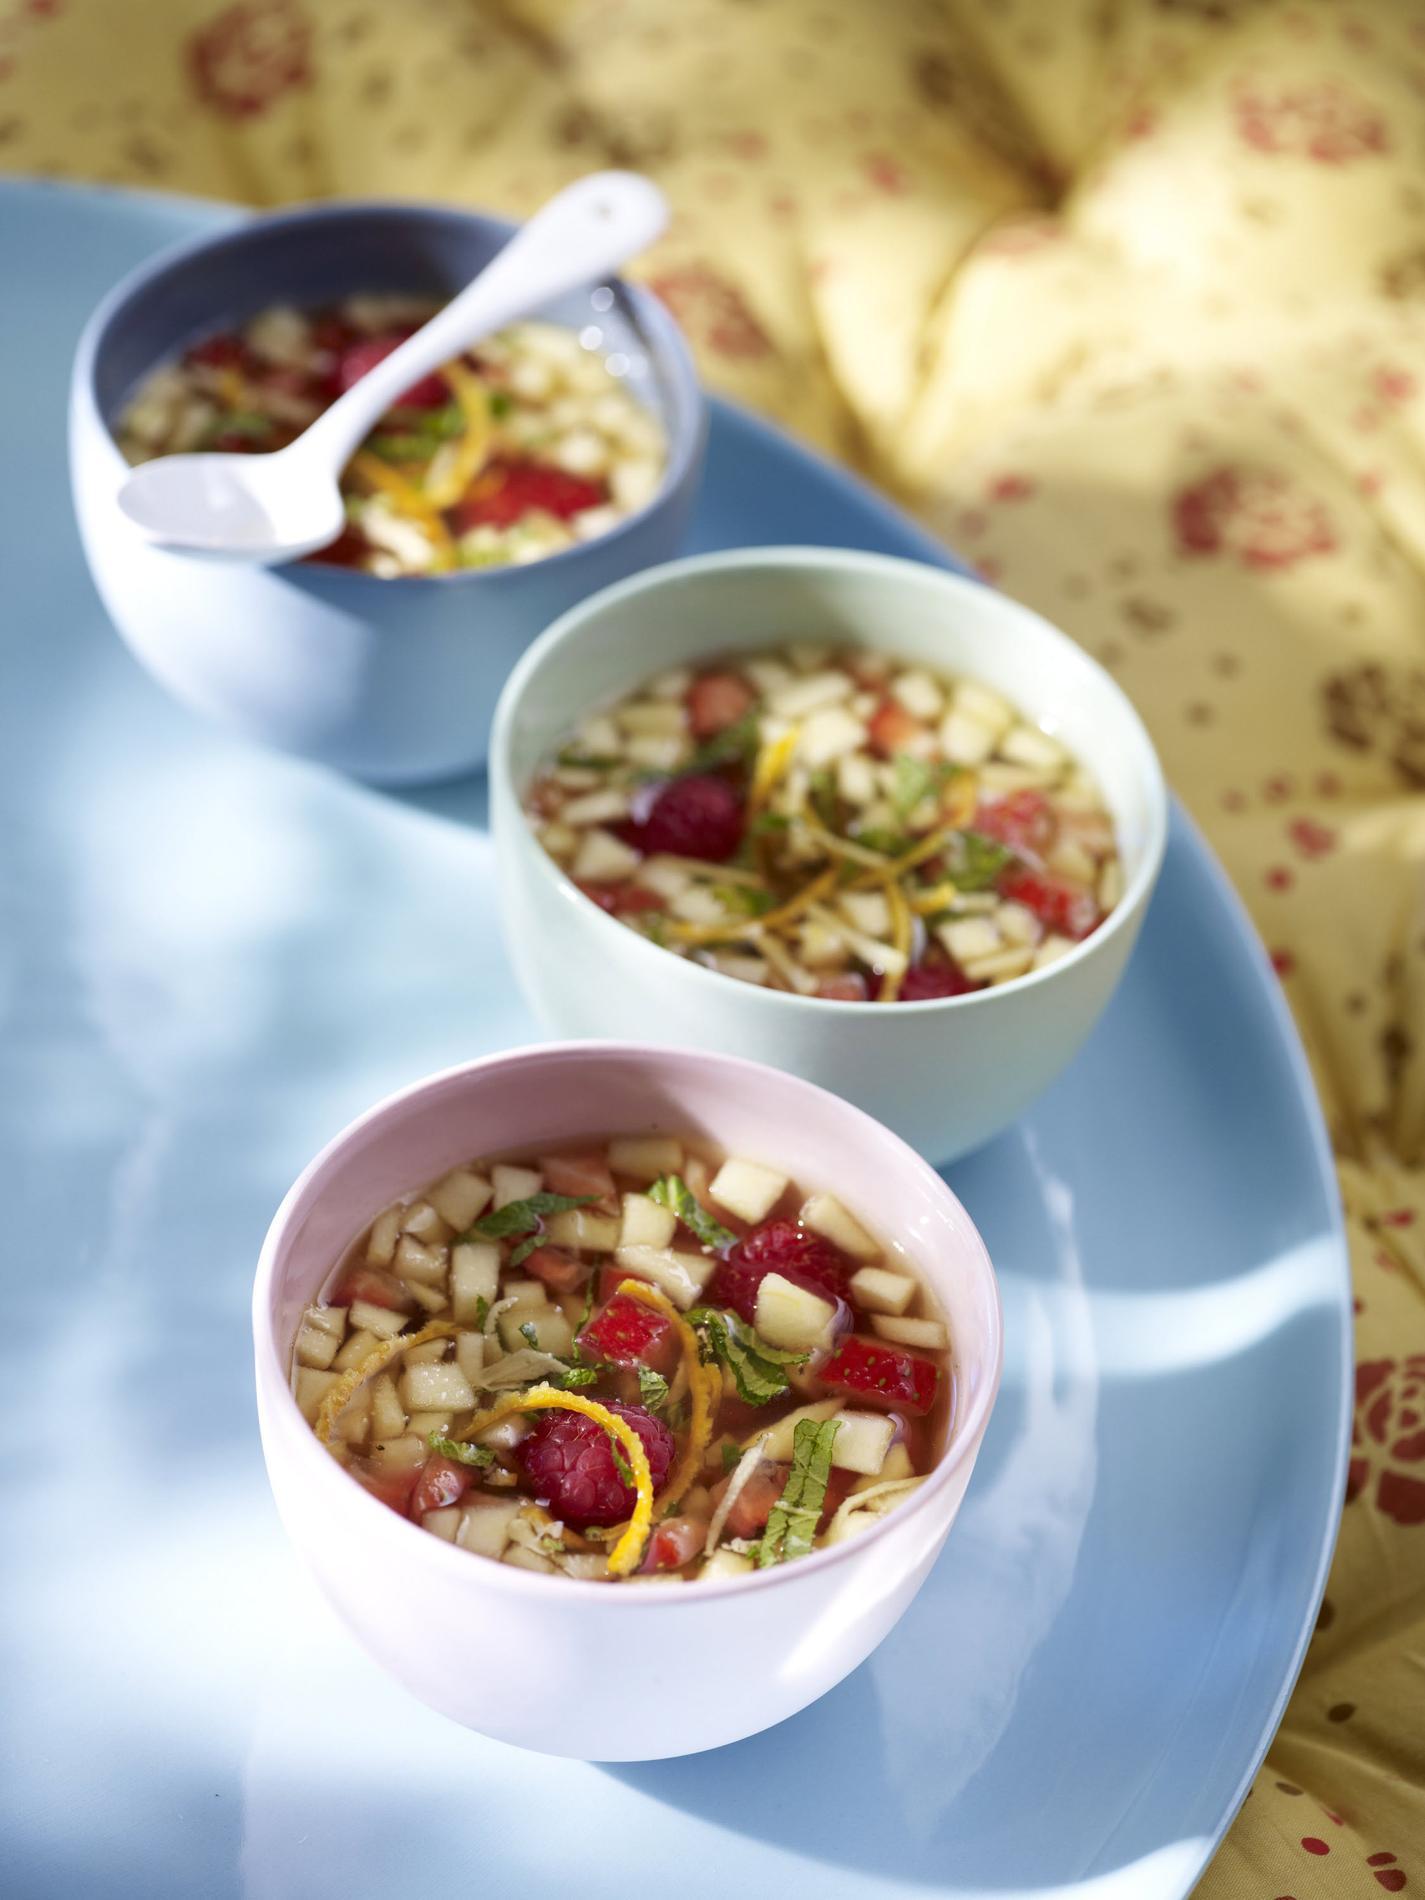 Préférence Dessert pique-nique : Recettes faciles et rapides - Cuisine / FB62